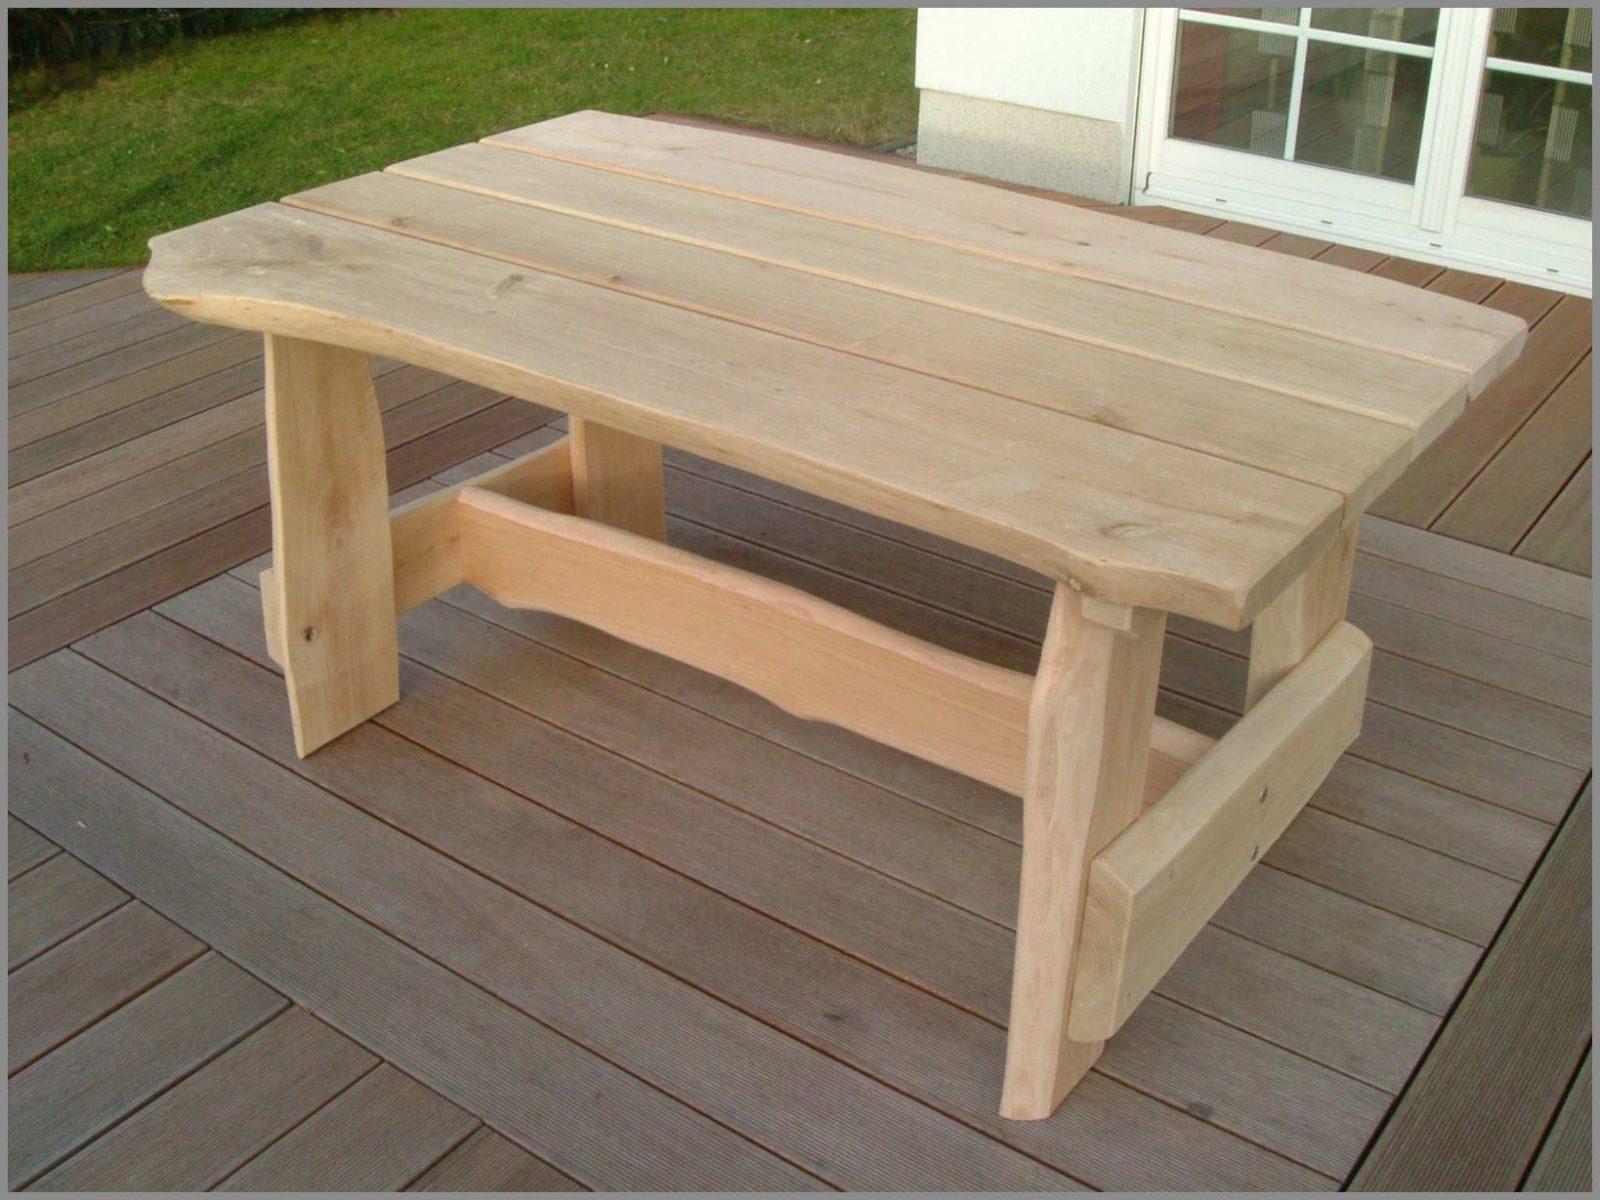 Massivholz Gartenmöbel Für Konzept Rustikale Holz Gartenmöbel Aus Polen von Rustikale Gartenmöbel Aus Polen Photo